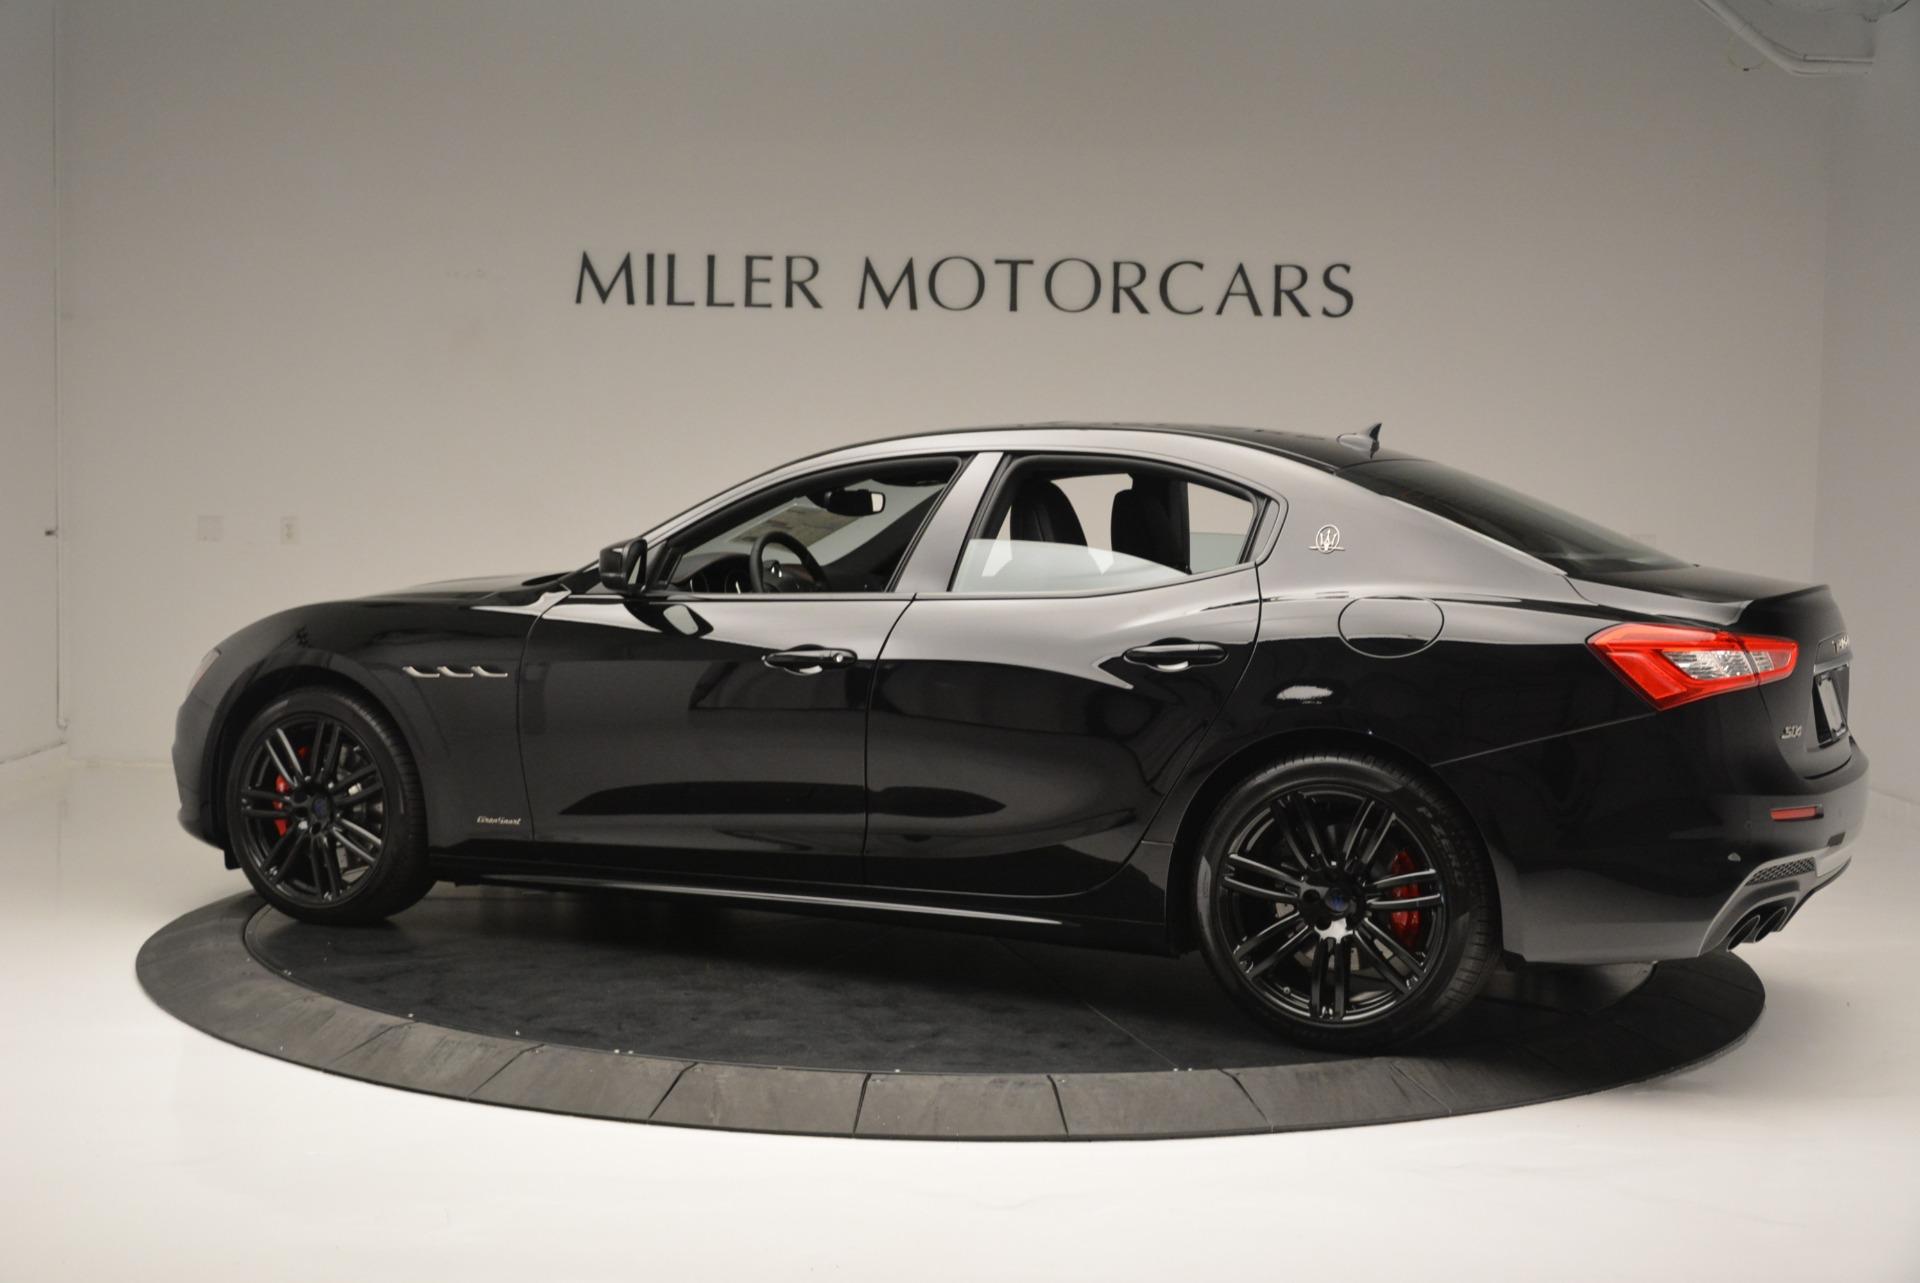 New 2018 Maserati Ghibli SQ4 GranSport Nerissimo For Sale In Greenwich, CT 2372_p4